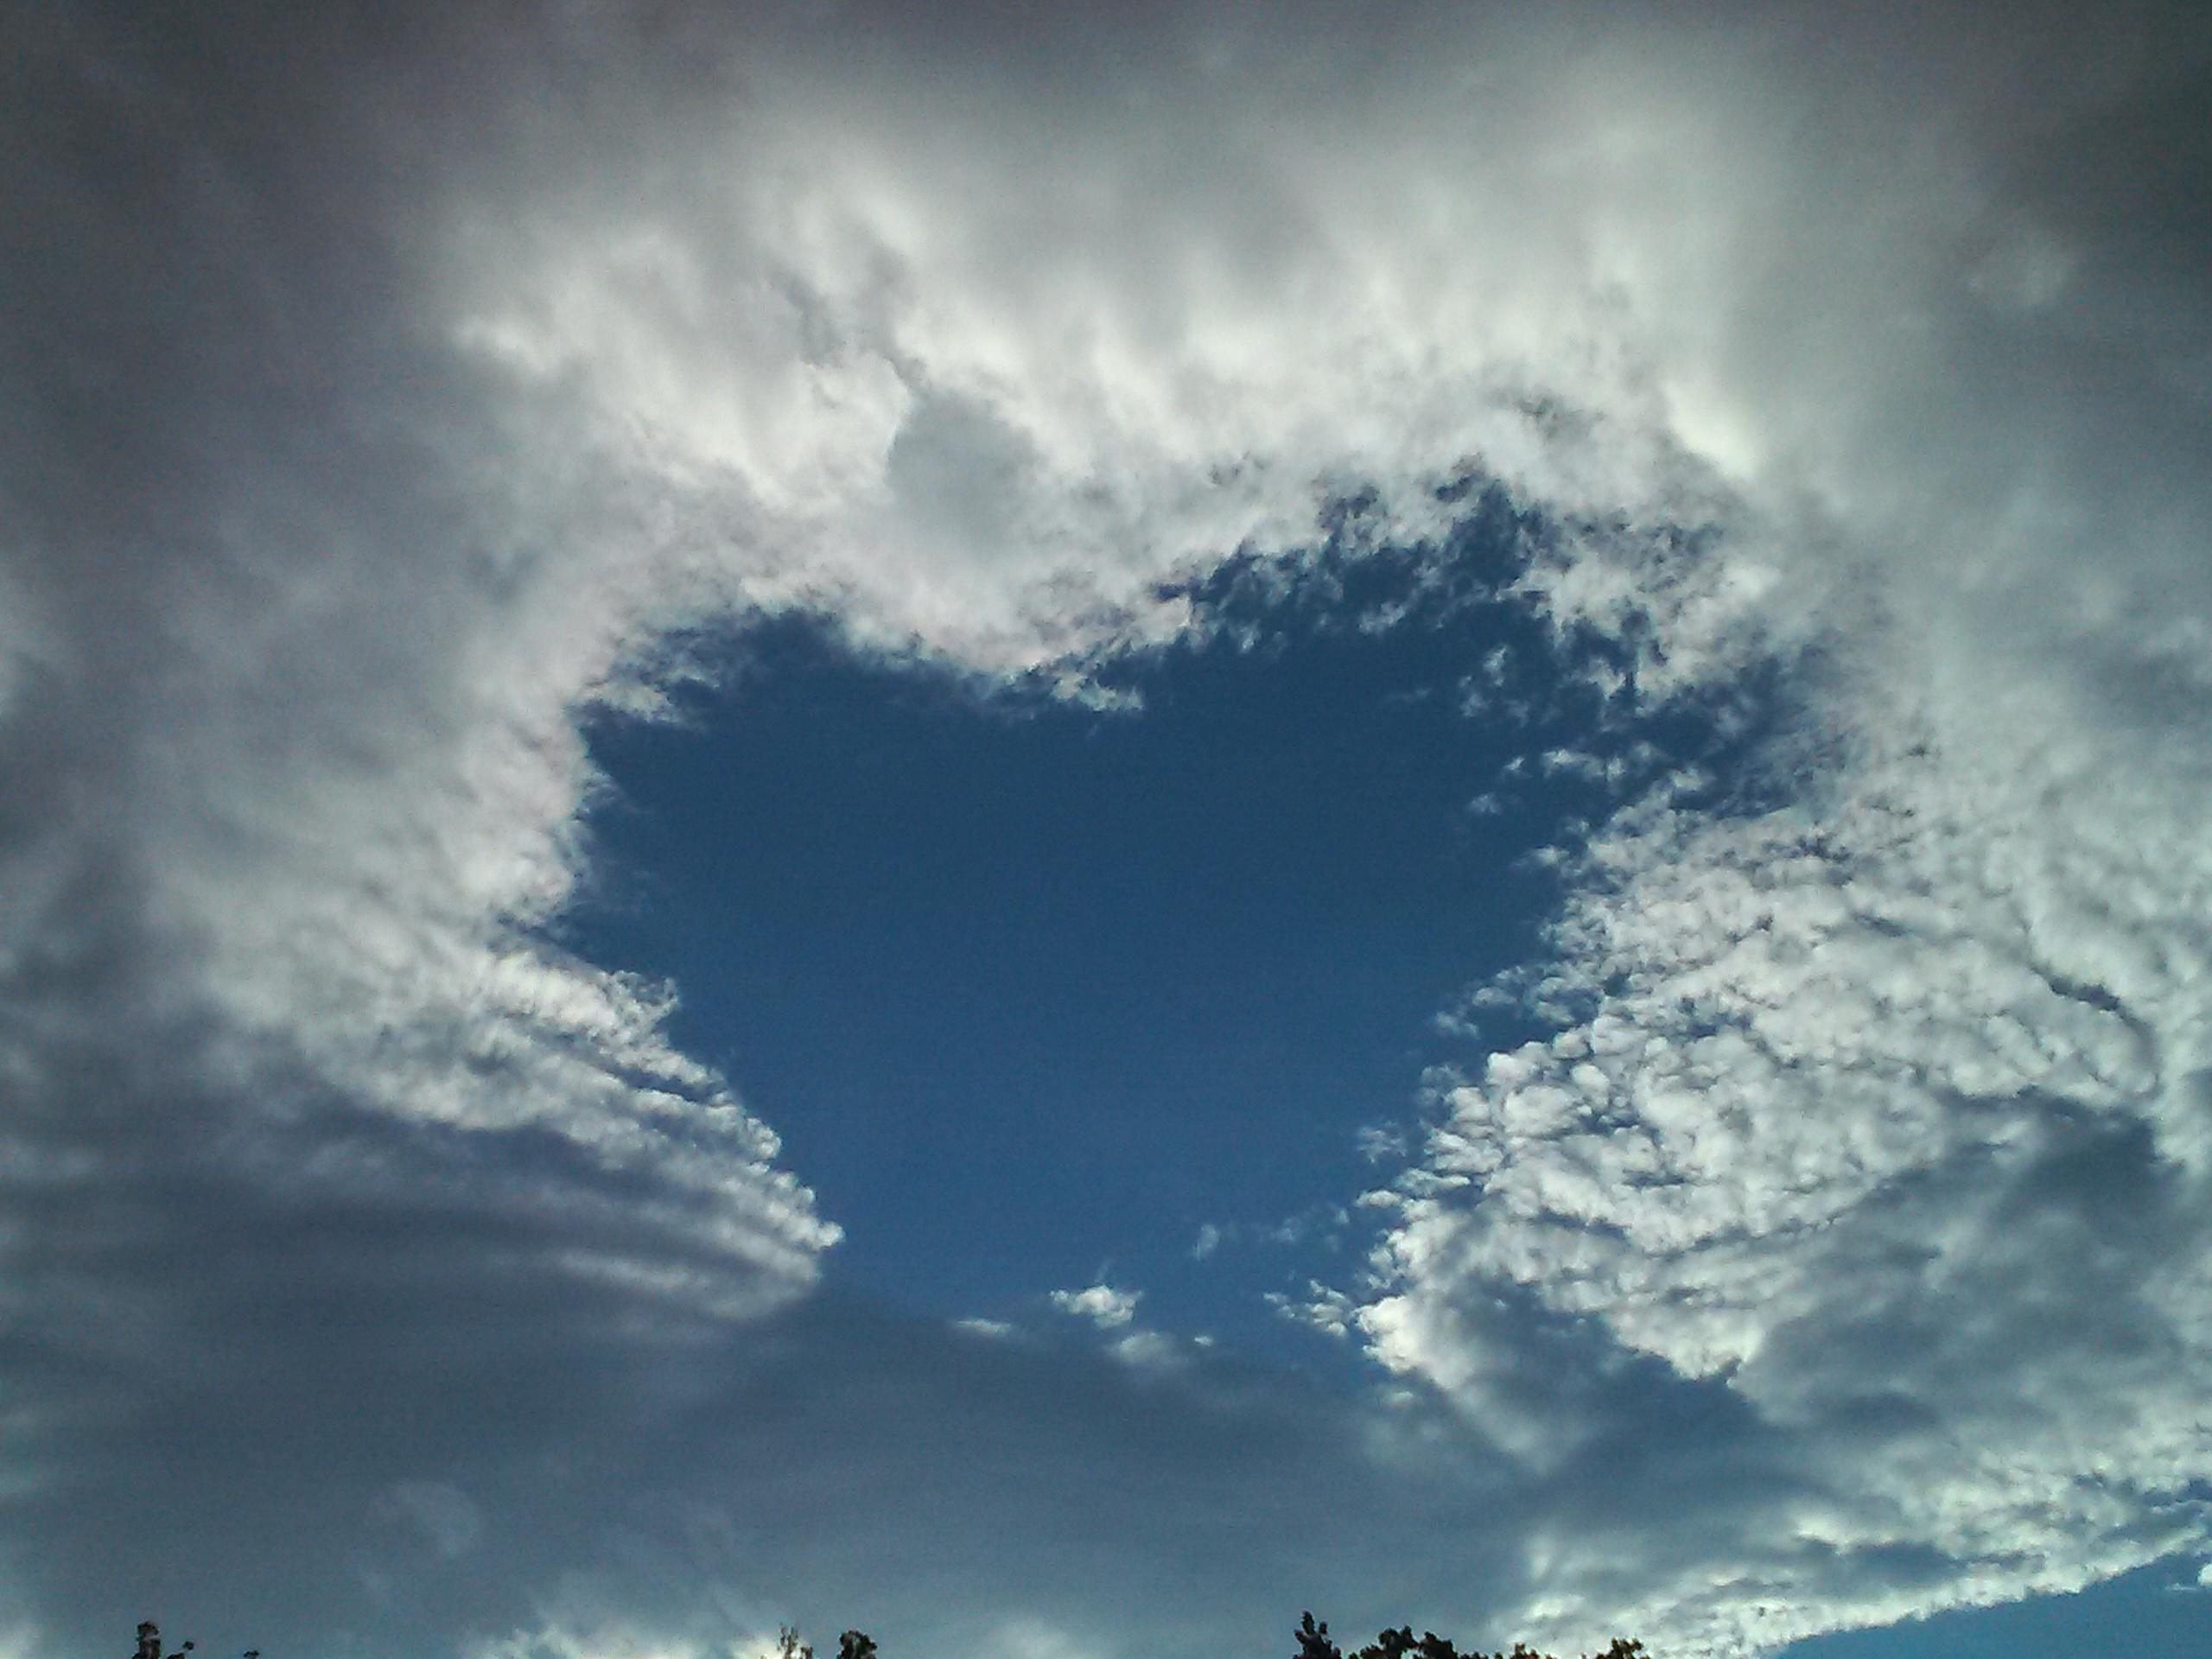 Joan-Gregerson-Heart-Cloud-Sky.jpg